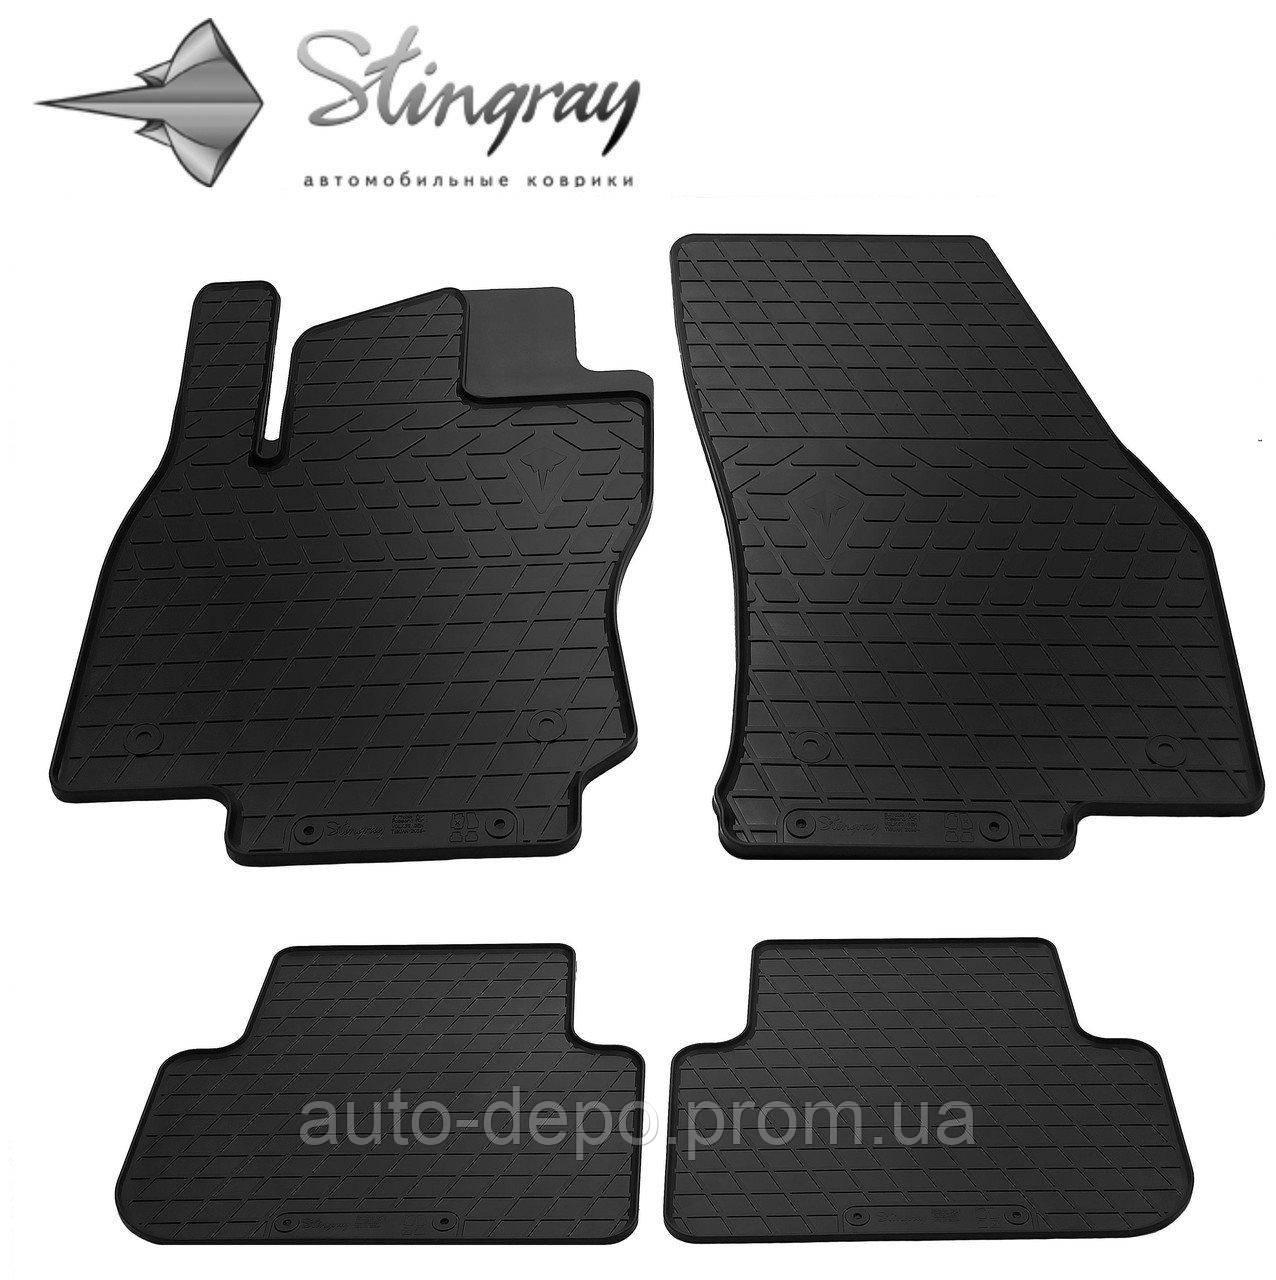 Коврики автомобильные для Volkswagen Tiguan 2016- Stingray